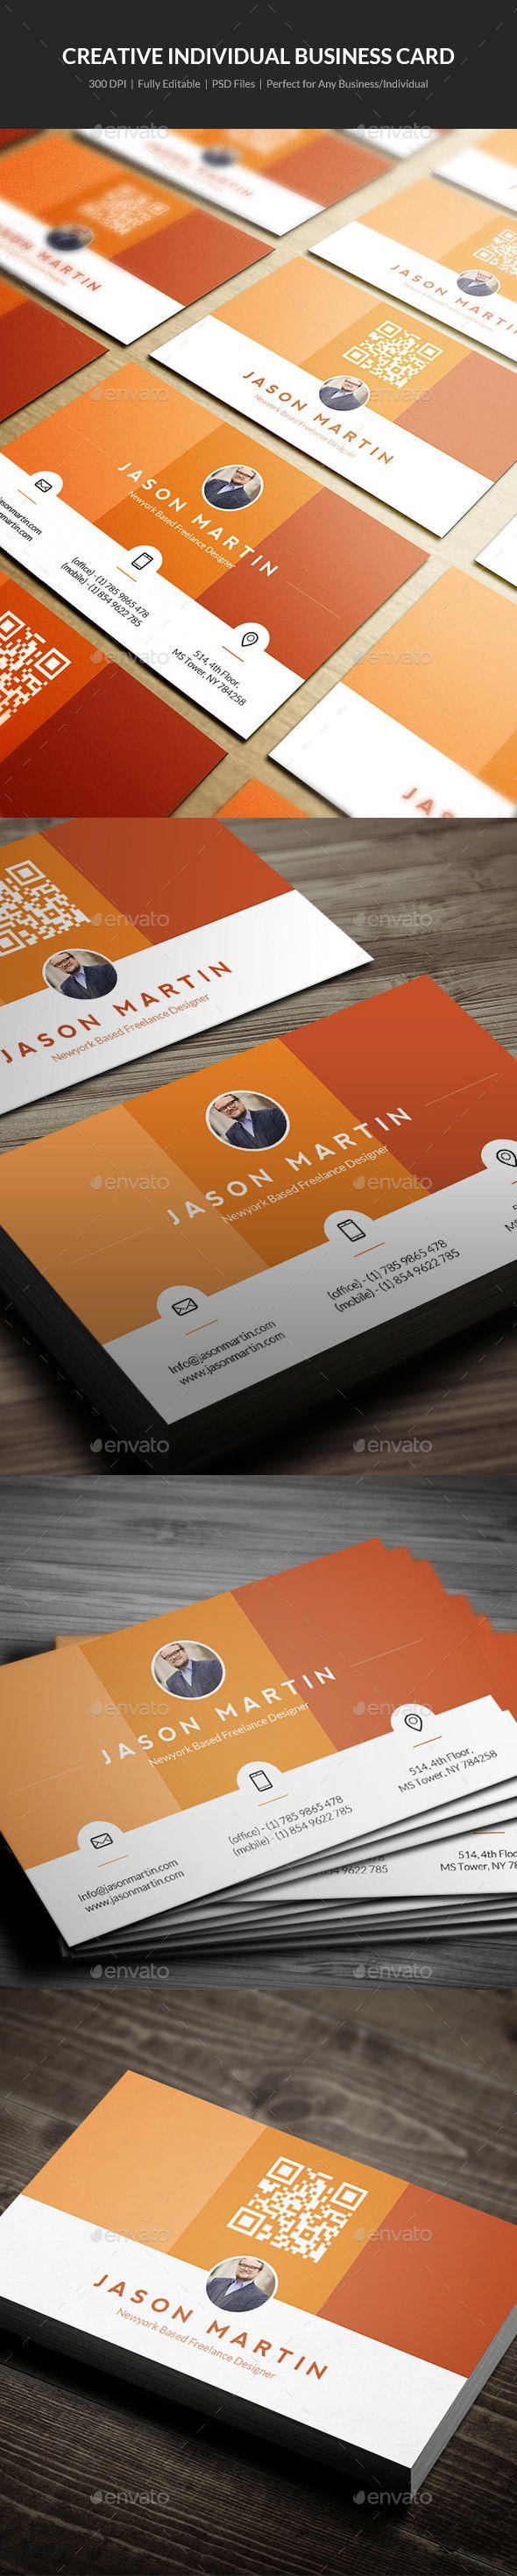 Best 25+ Business card templates ideas on Pinterest | Business ...